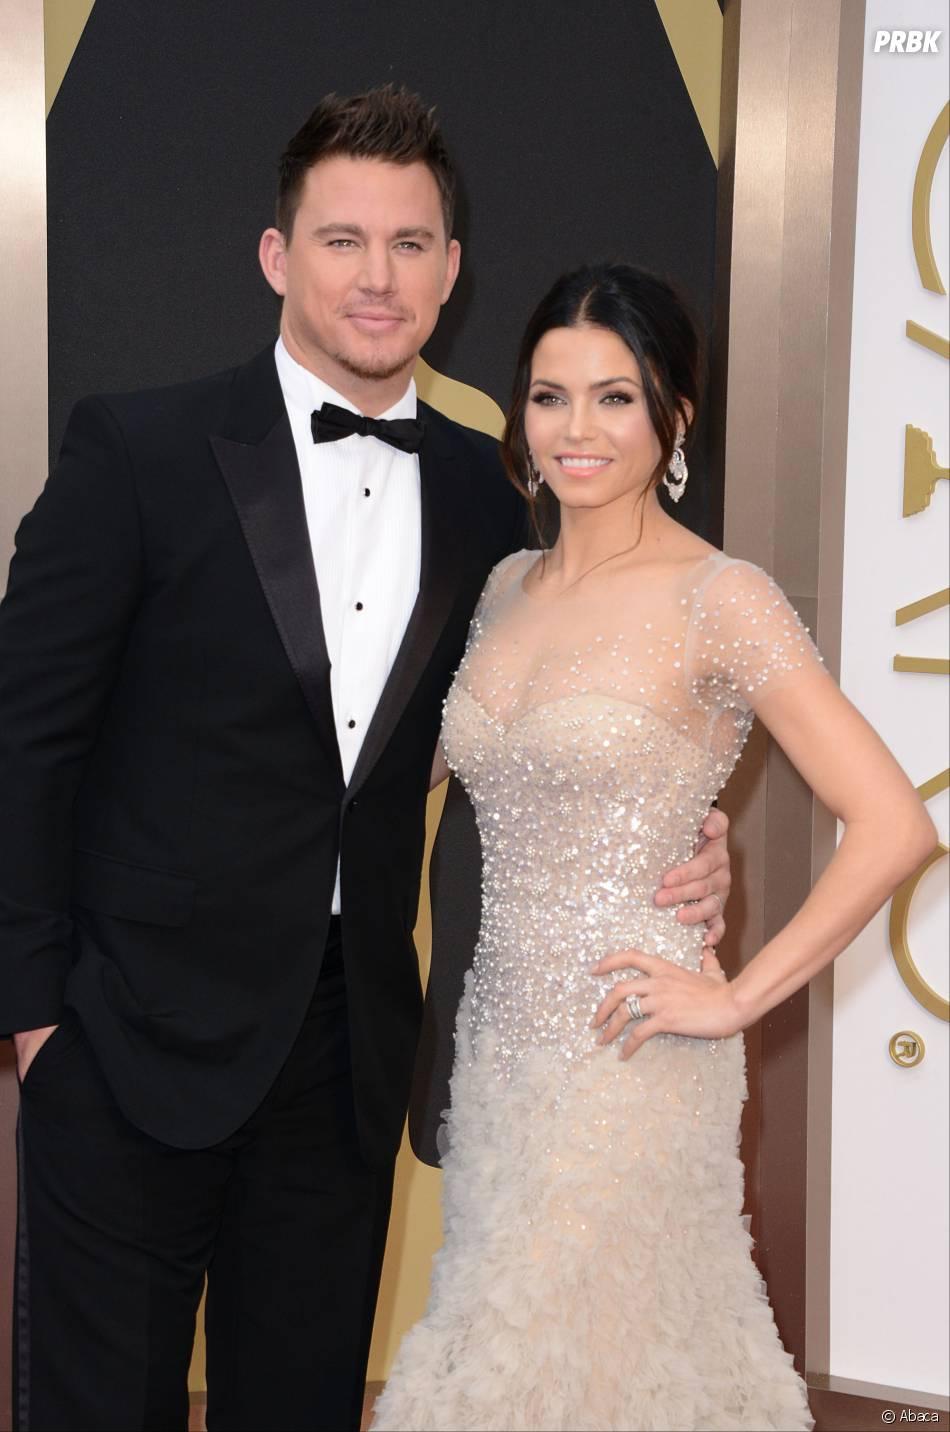 Channing Tatum et Jenna Dewan Tatum sur le tapis-rouge des Oscars le 2 mars 2014